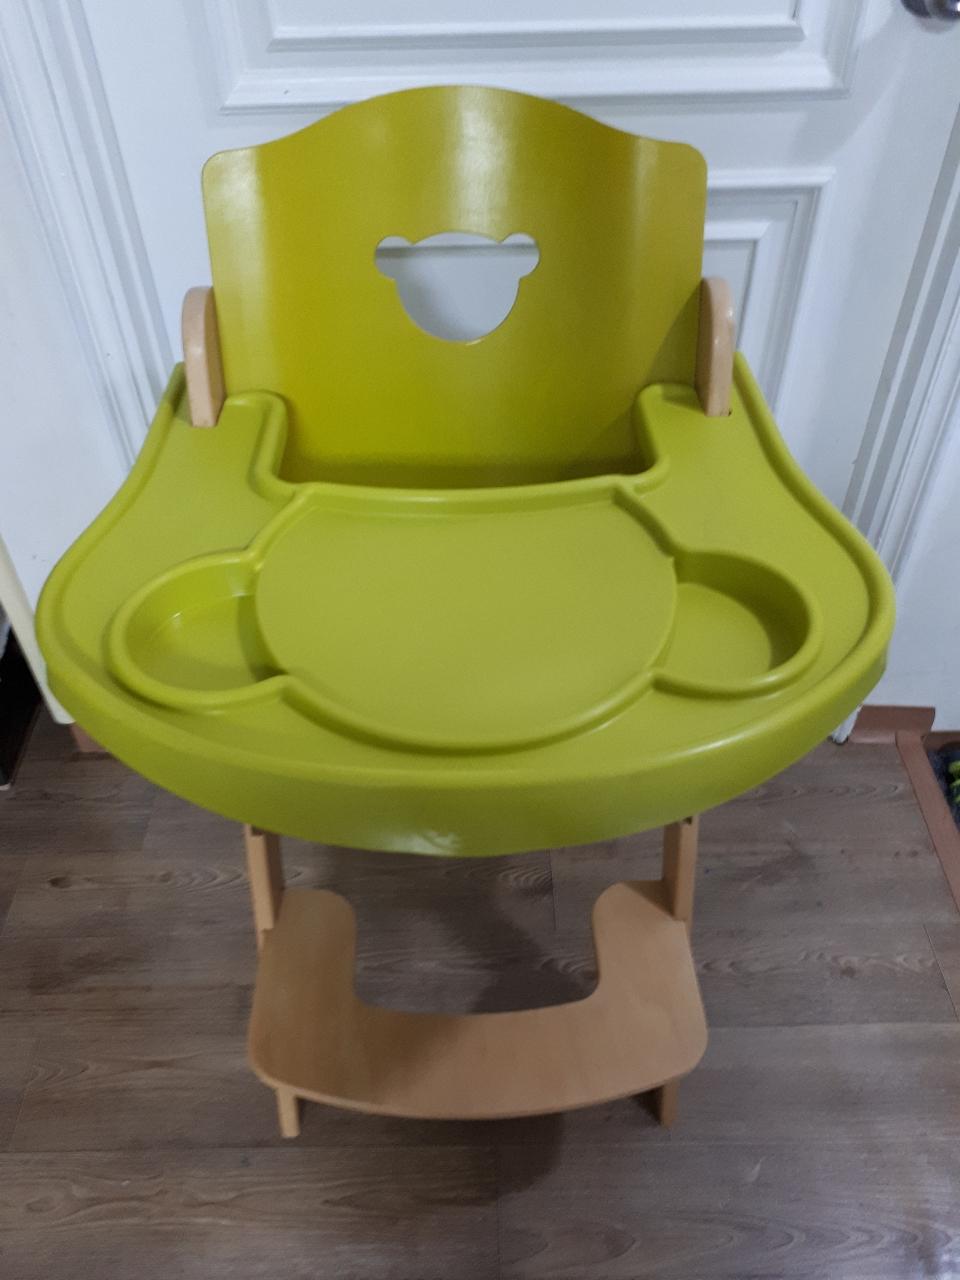 아기 식탁의자 ㅡ이탈리아 팔리 친환경 원목 식탁의자ㅡ트레이 포함